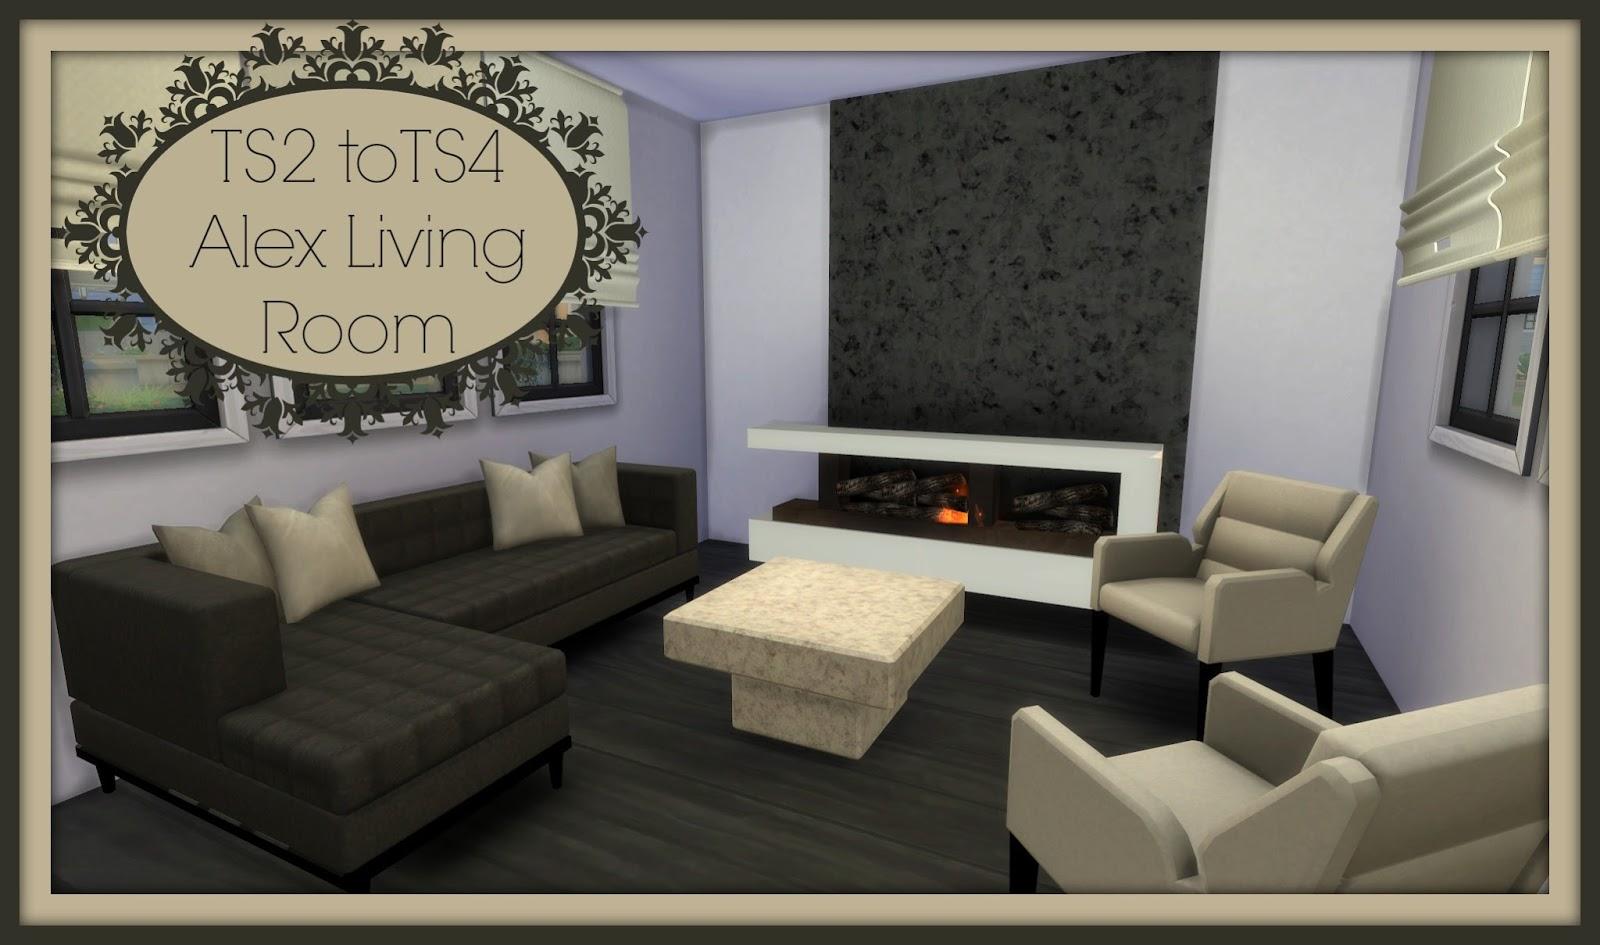 Sims 4 Living Room Ideas No Cc Ayathebook Com